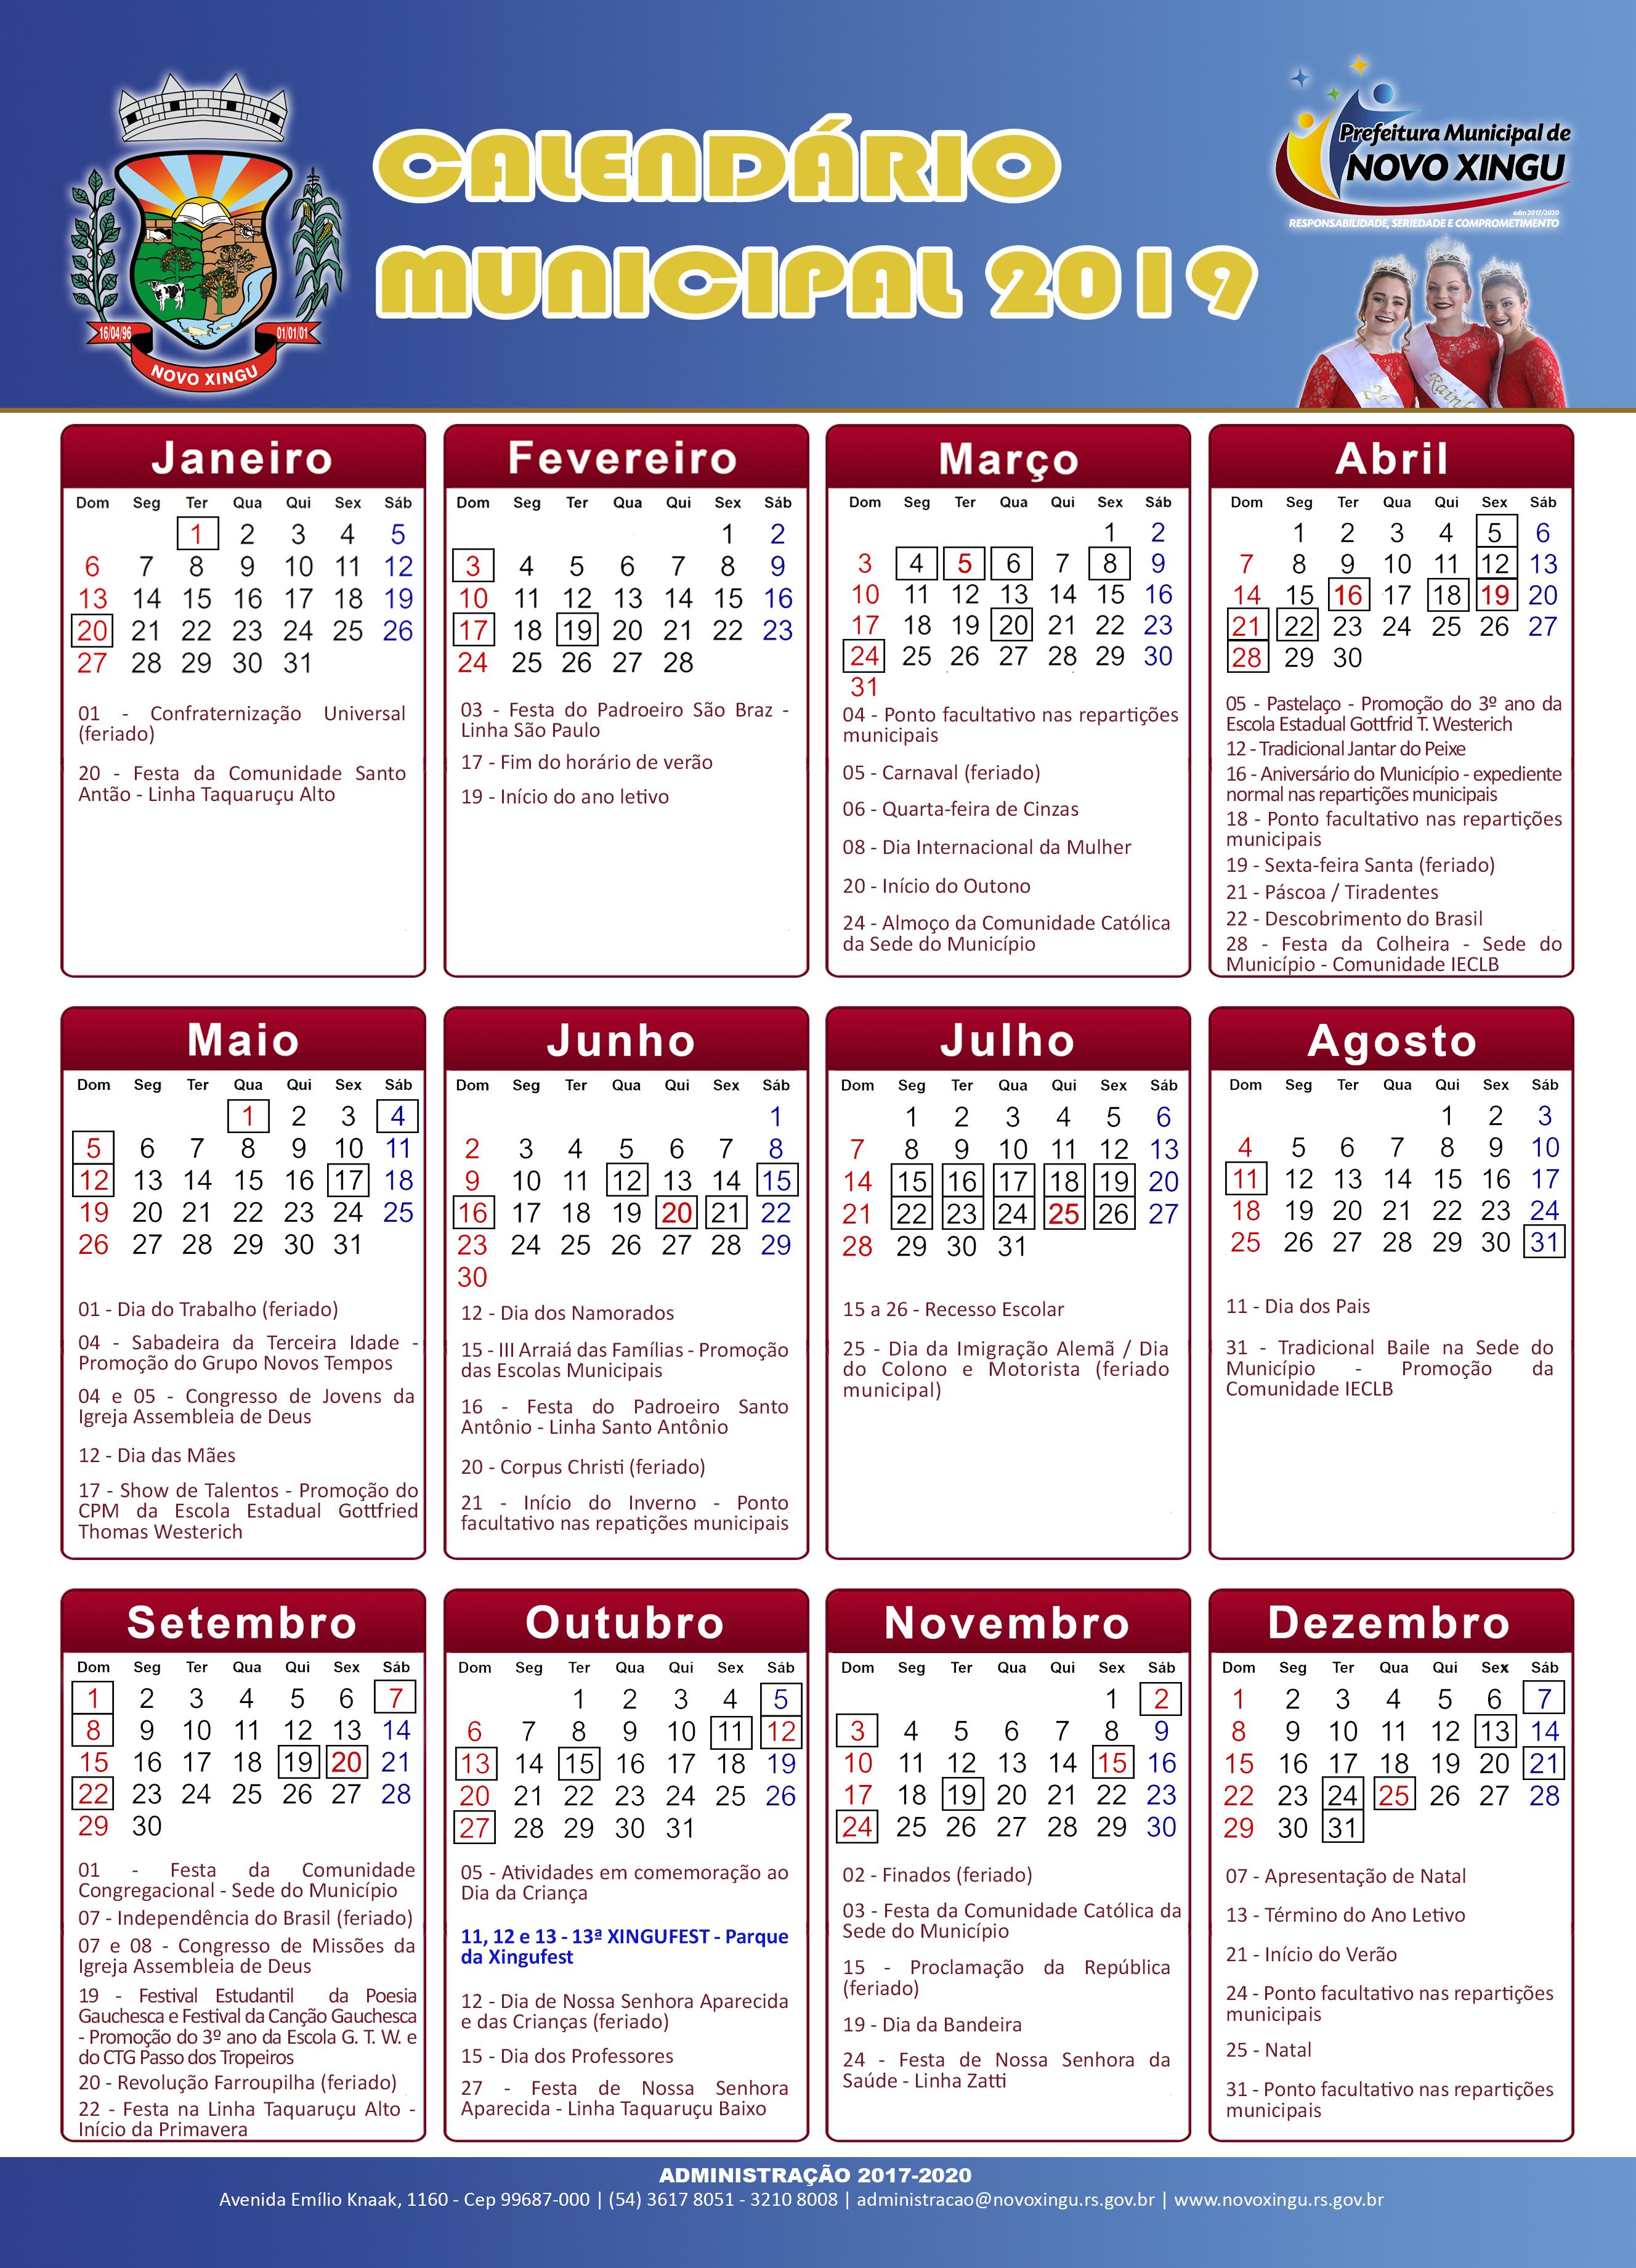 Calendário Municipal